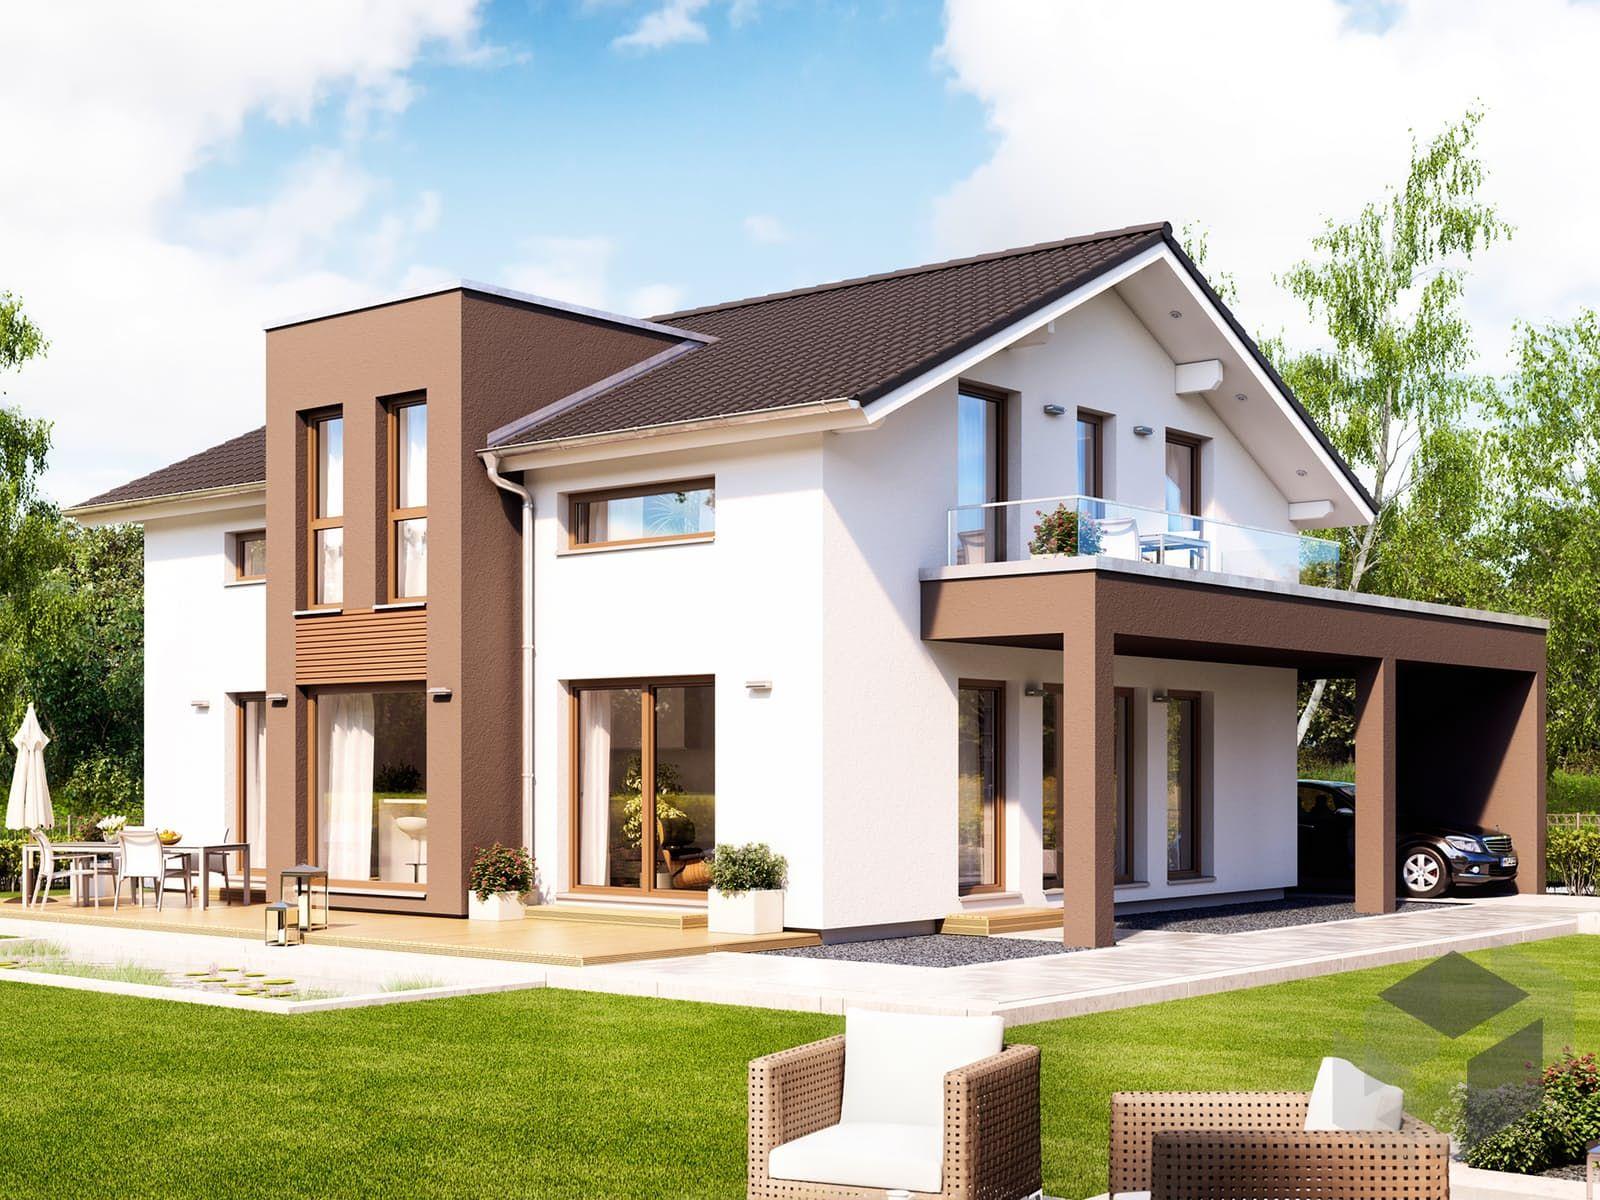 Einfamilienhaus Fantastic 162 V5 mit Satteldach von Bien